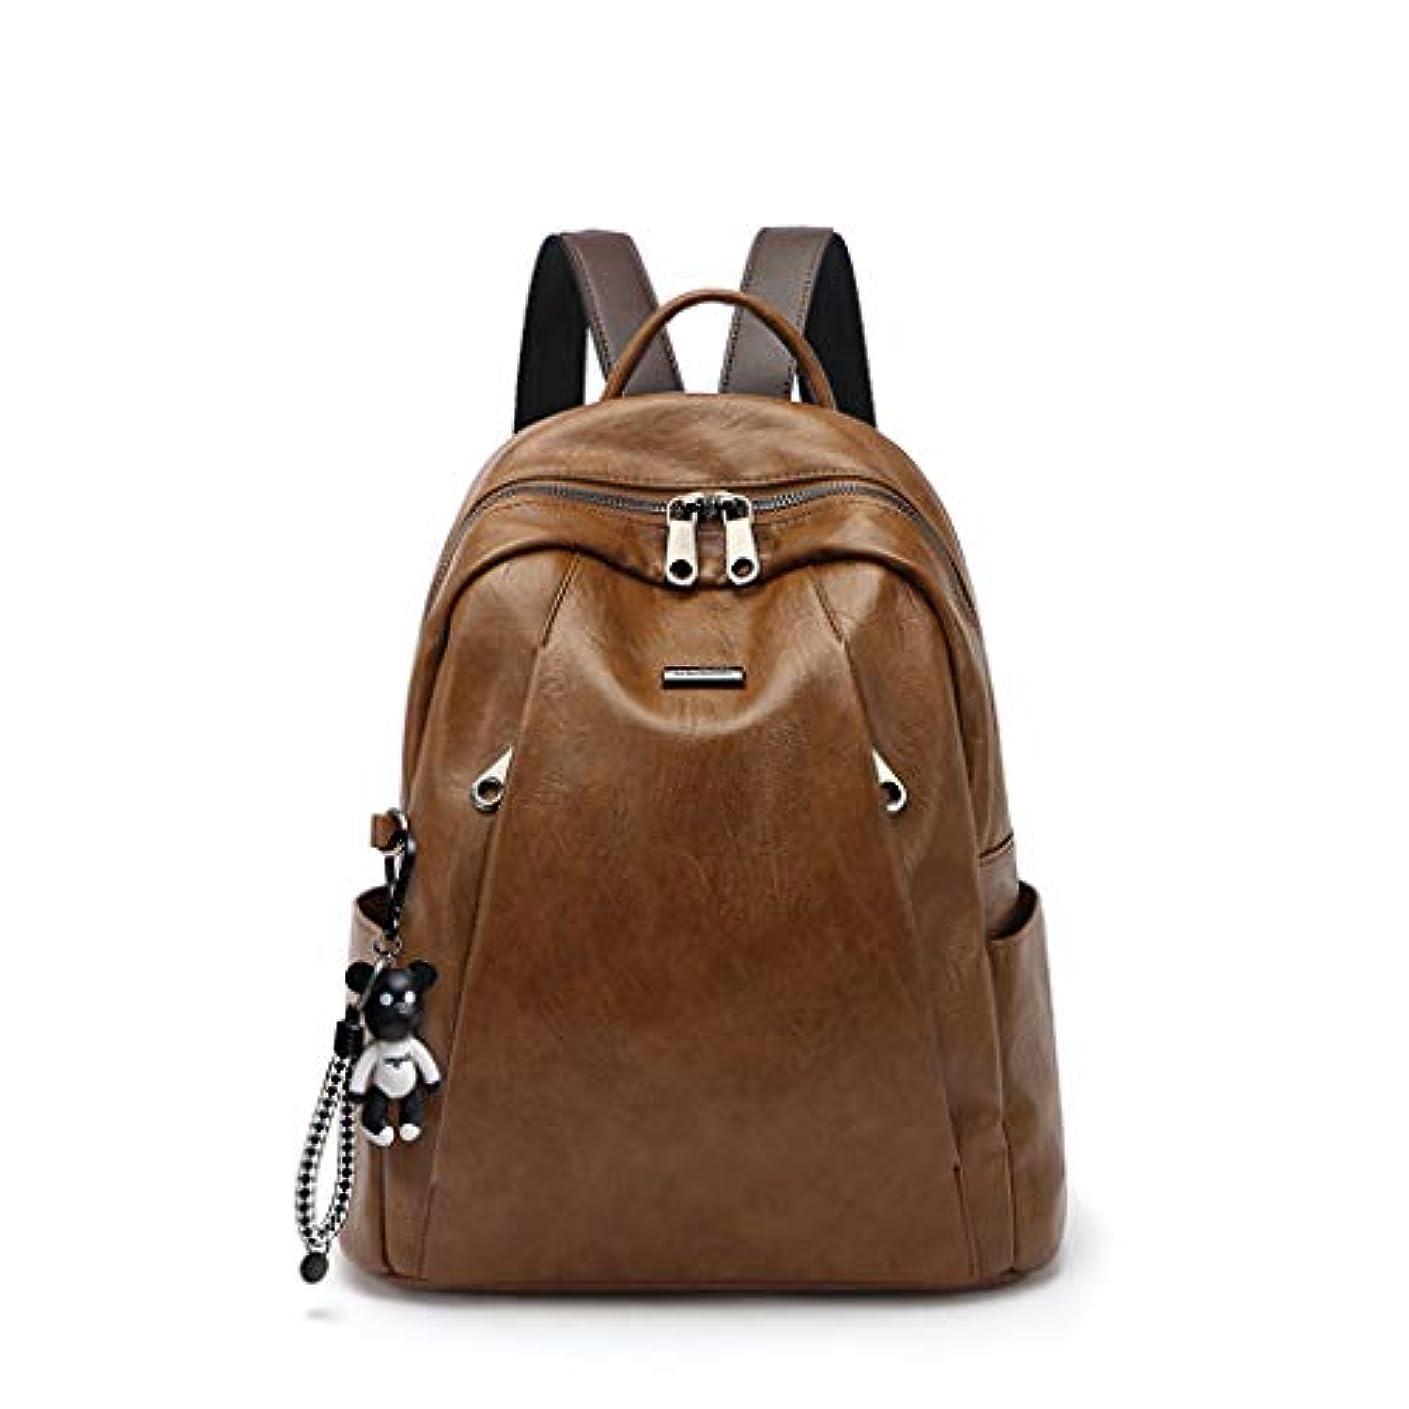 反響する架空の空中AINUOEY レディース リュック ミニ バックパック PUレザー ポシェット Mini Rucksack Pack Bag for Women